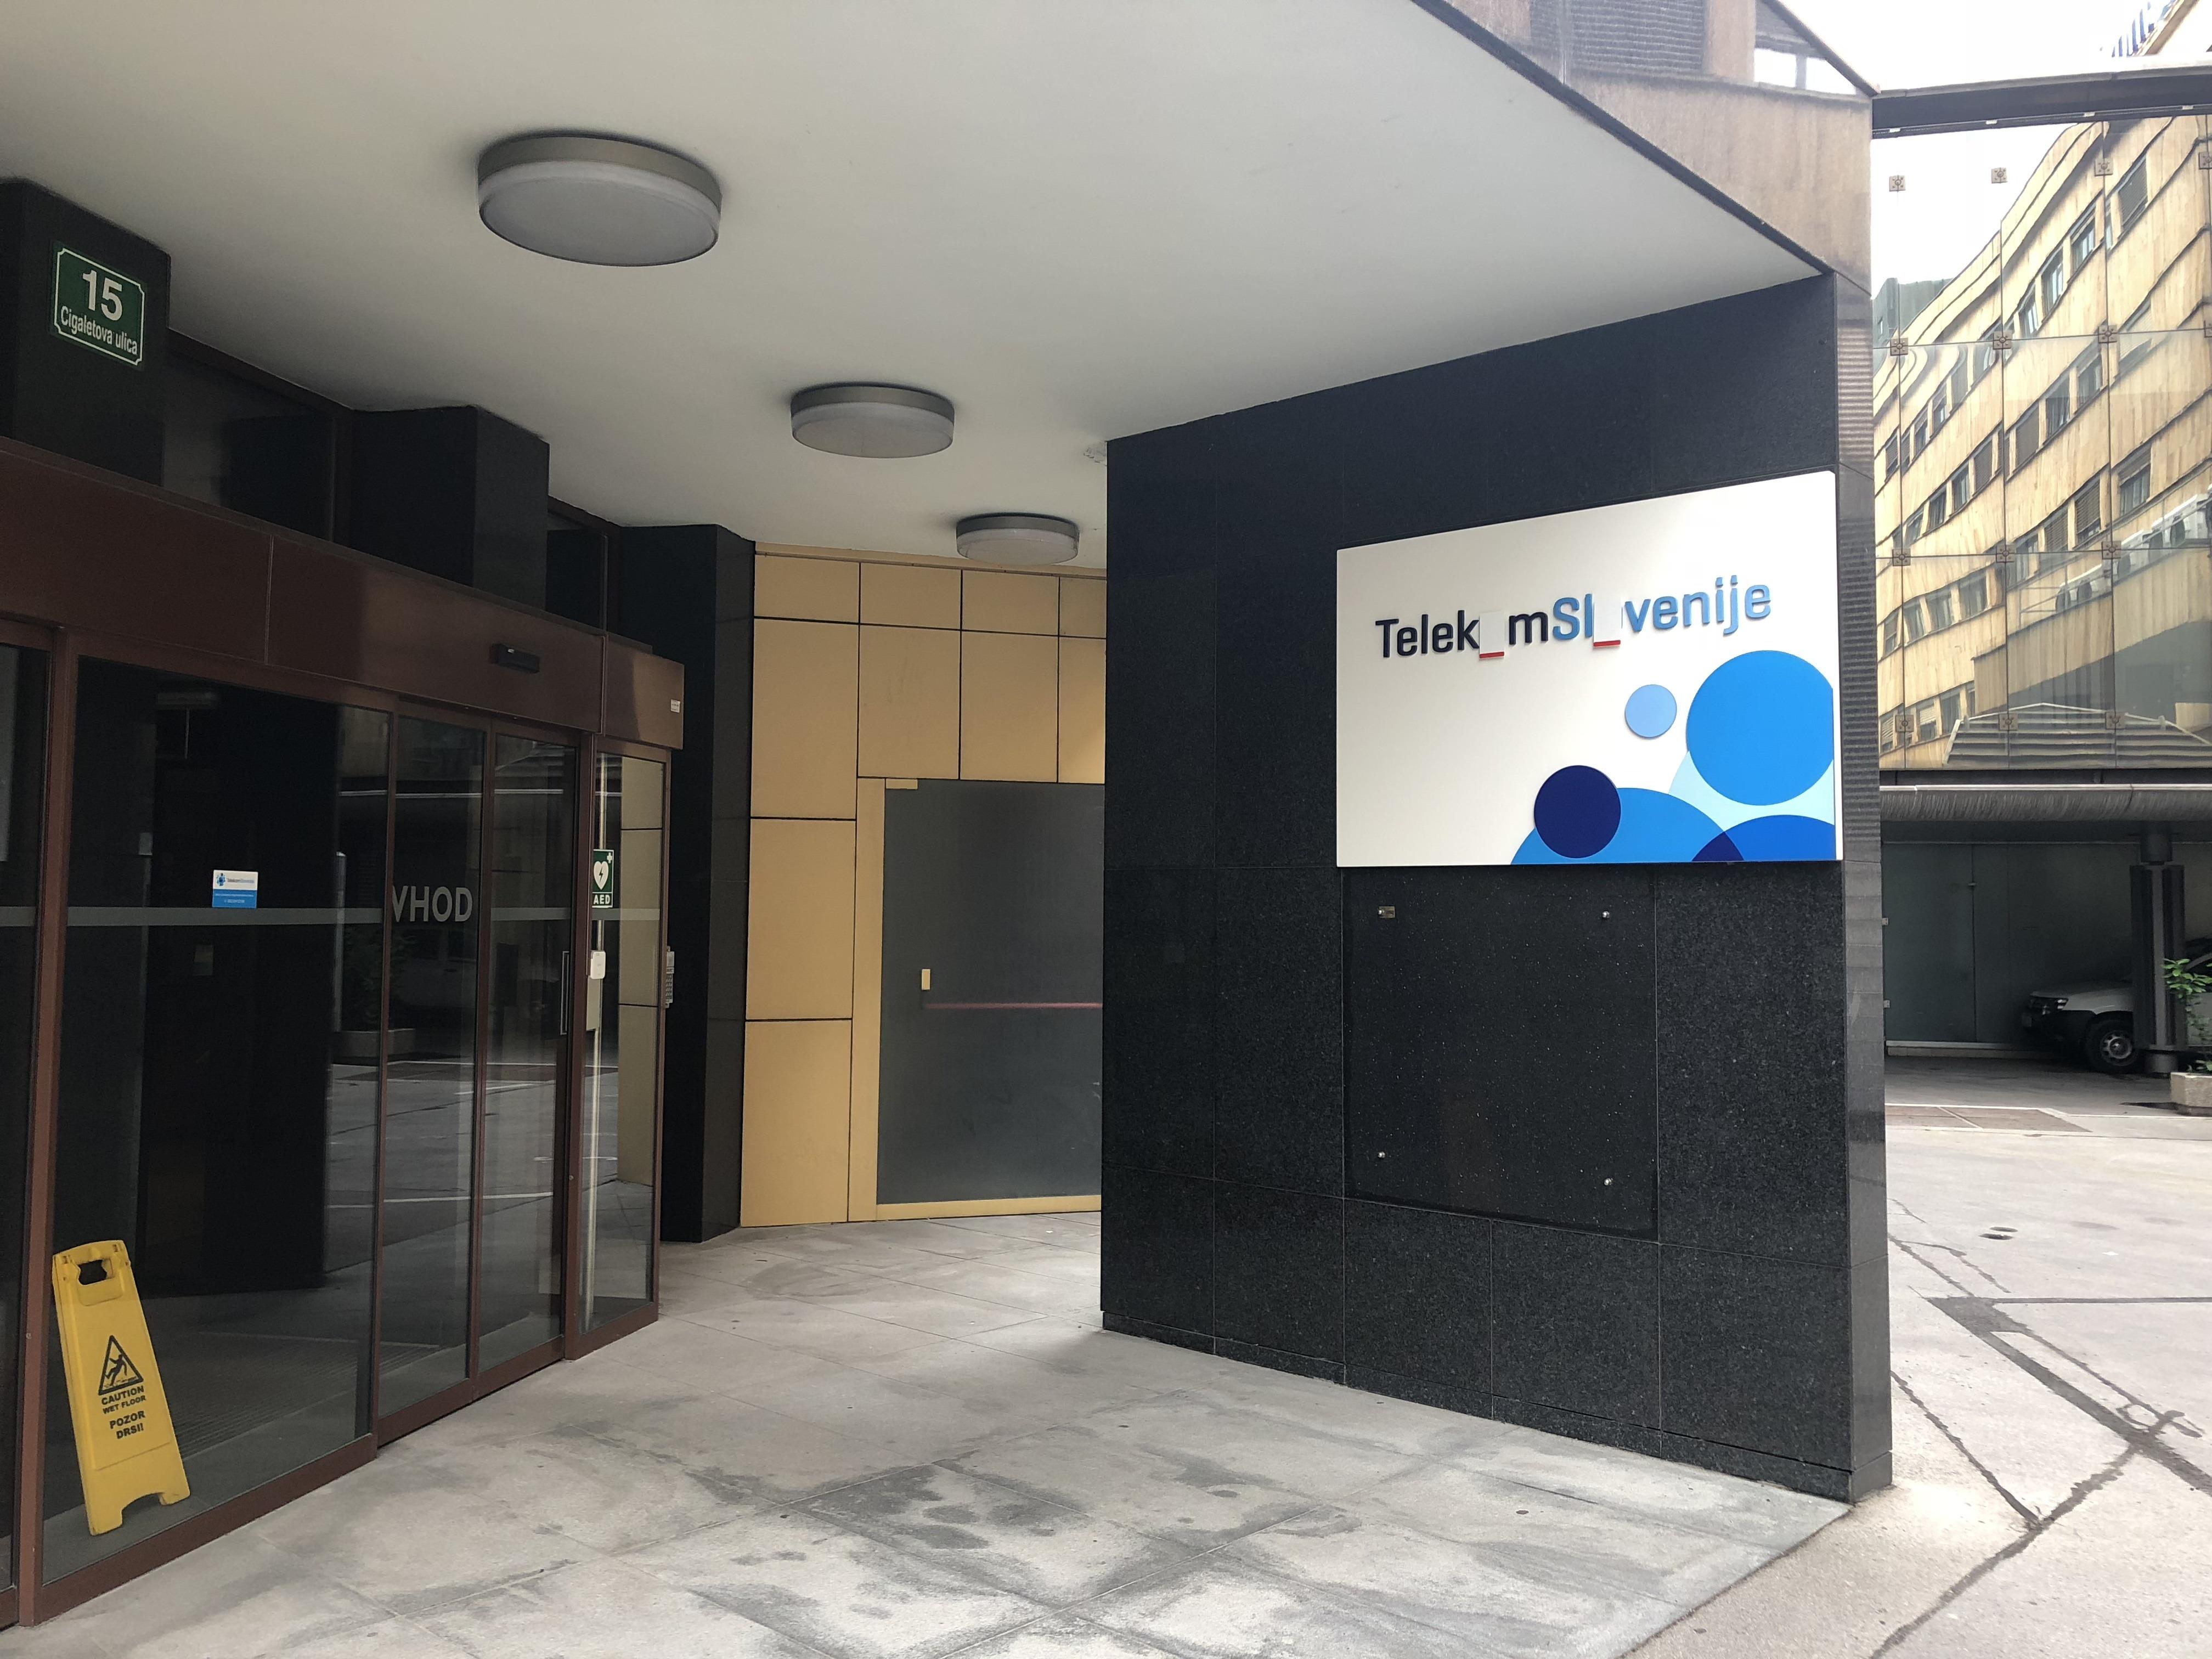 Manjkajoča črka - poslovna stavba Telekoma Slovenije